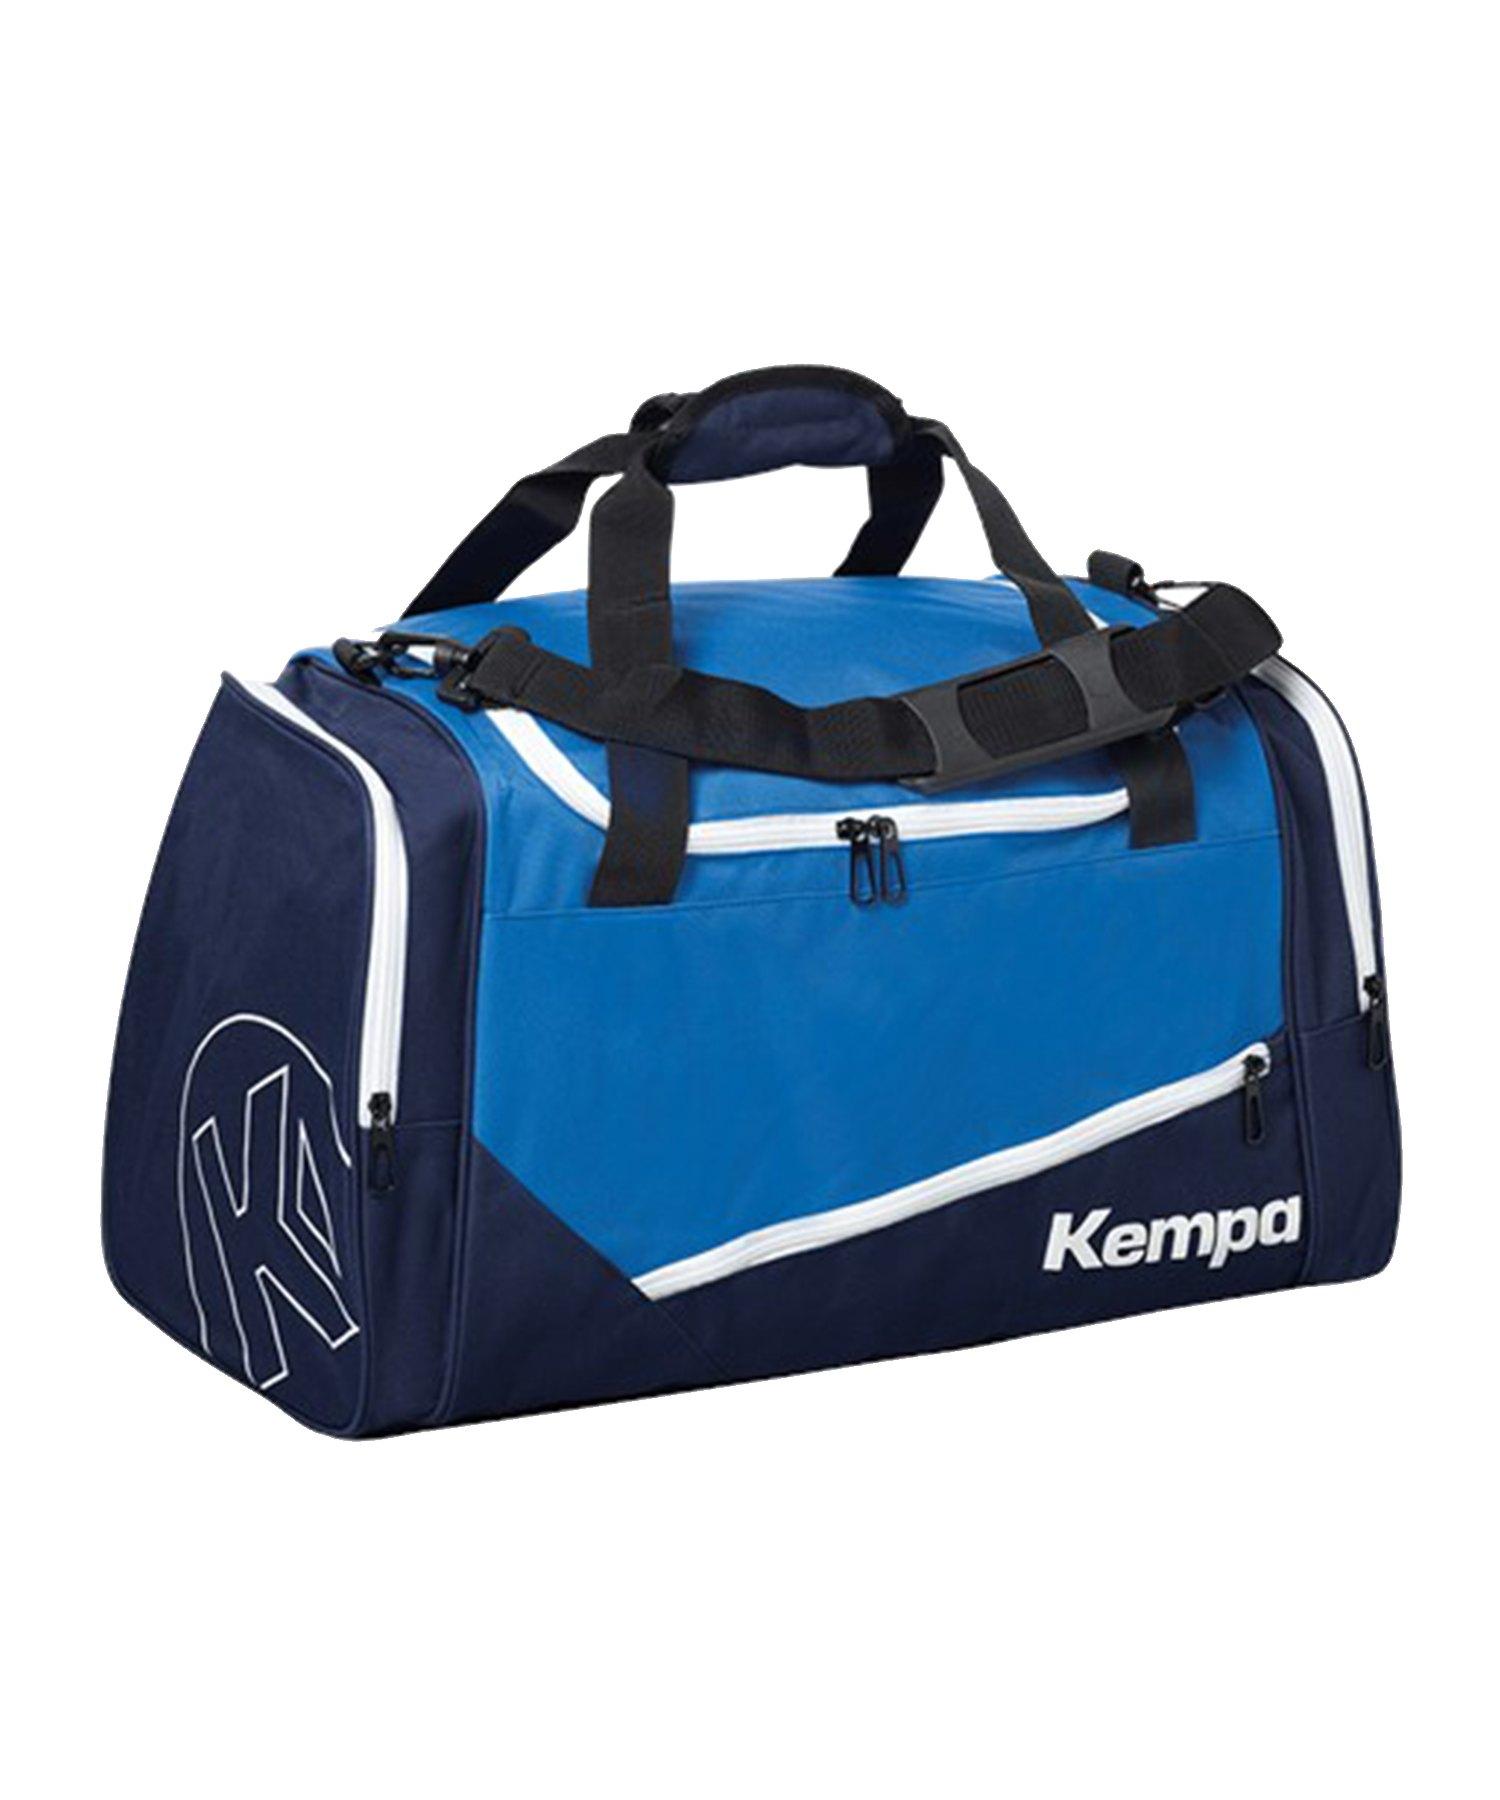 Kempa Sporttasche Größe L Blau F02 - blau